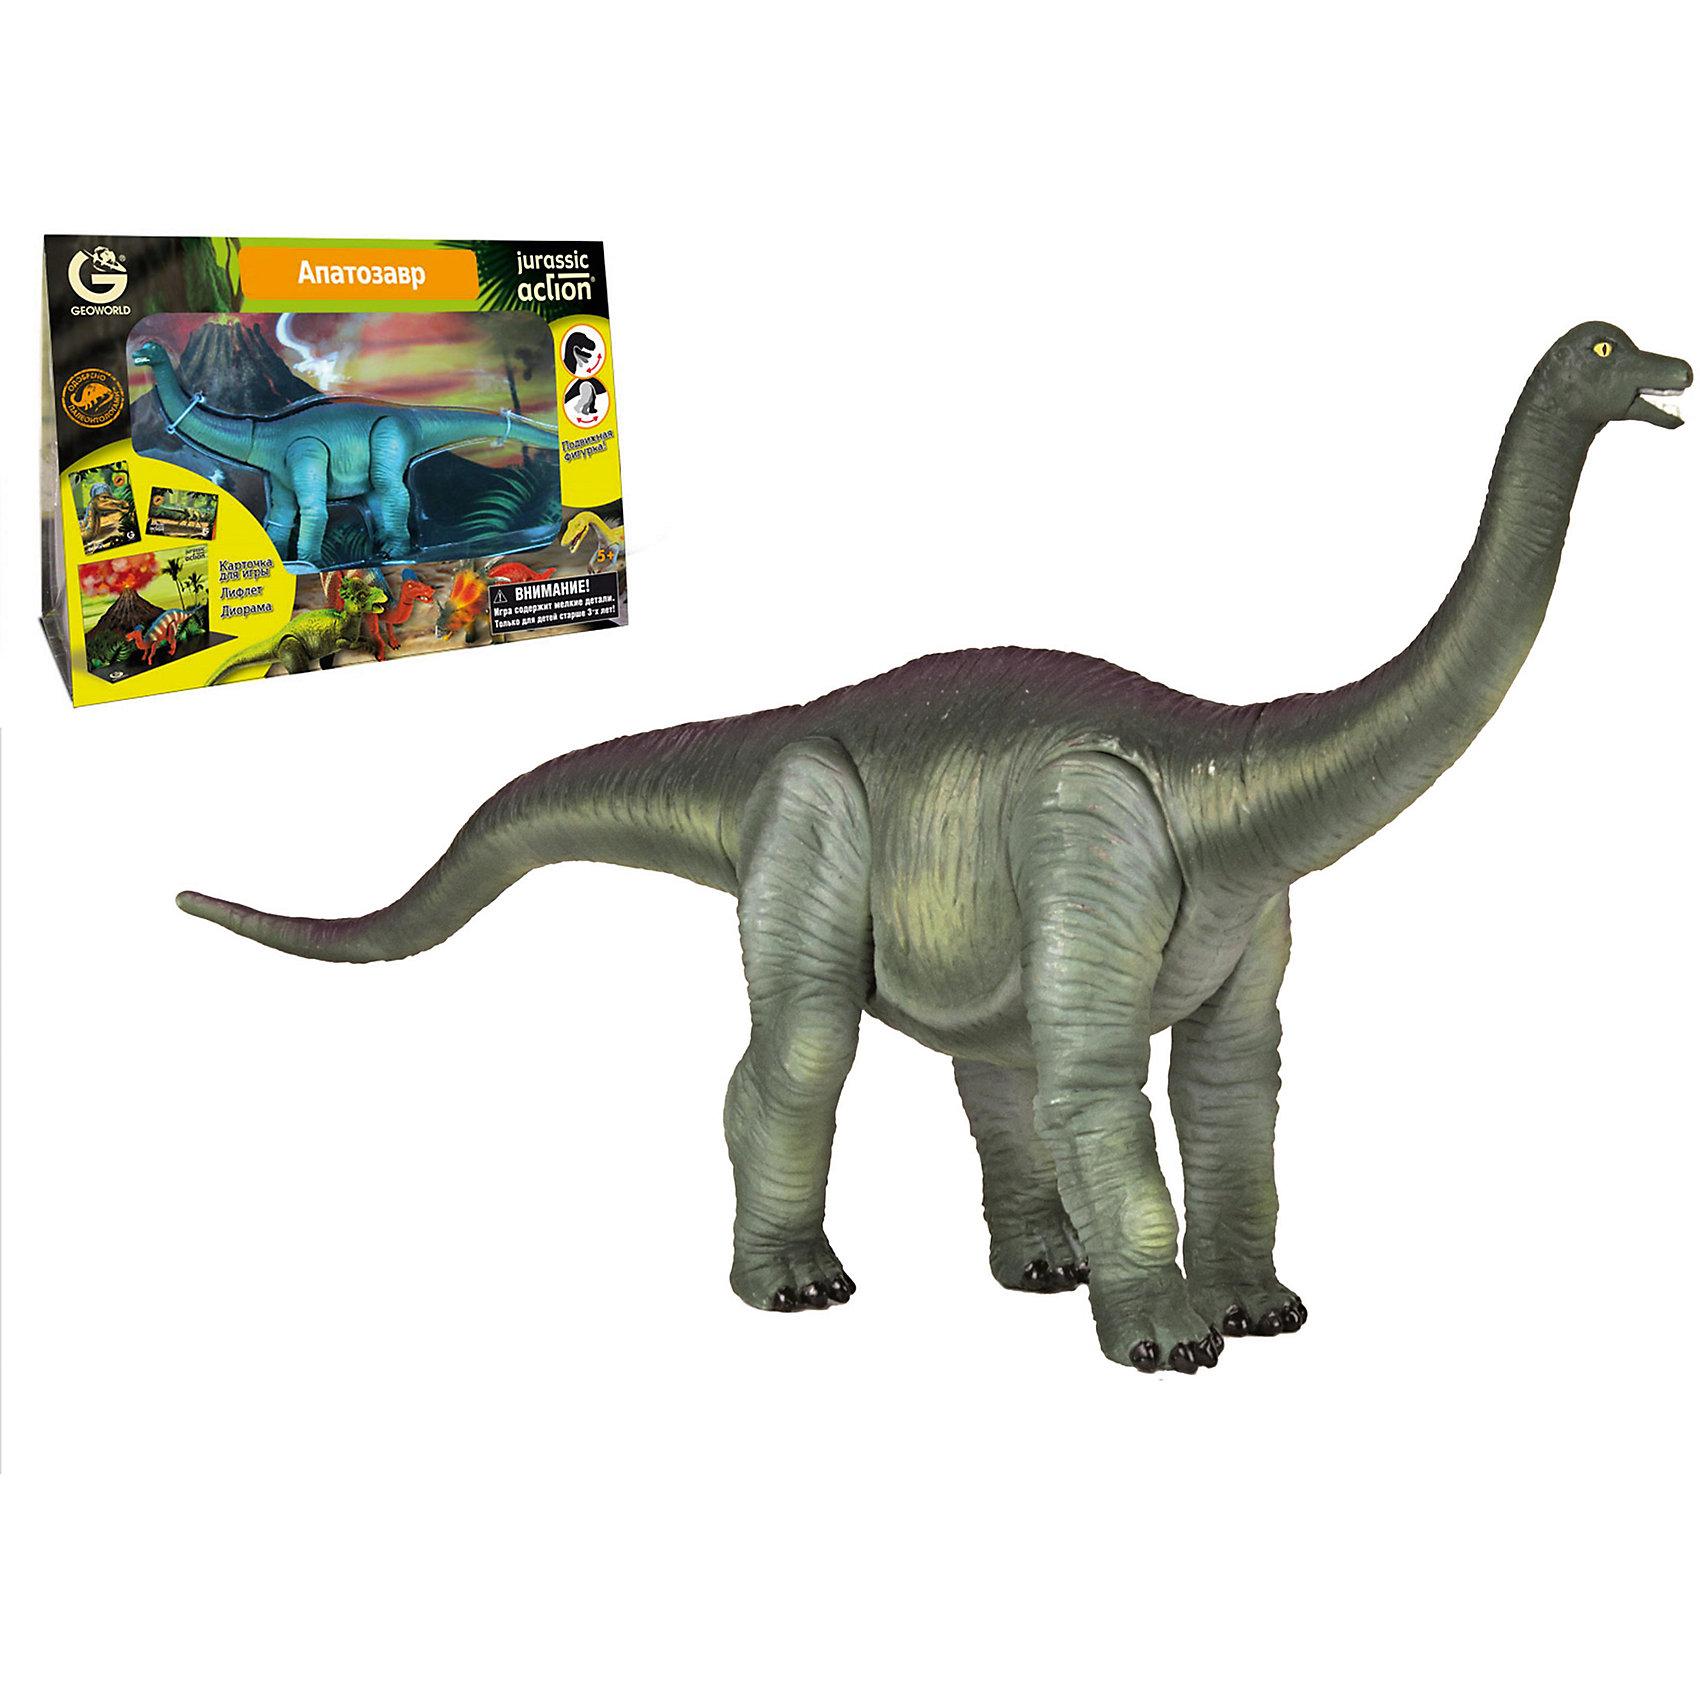 Динозавр Апатозавр, коллекция Jurassic Action, GeoworldДраконы и динозавры<br>Фигурка апатозавра из серии Jurassic Action имеет подвижные ноги, а в комплект к ней входит карточка, описывающая уникальные особенности этого динозавра. Всего серия состоит из 24 разных динозавров — соберите их всех и узнайте подробности про каждого!<br>В наборе найдется и диорама, показывающая доисторический ландшафт, по которому мог бы гулять апатозавр, а также буклет с интересными фактами про него.<br>Наборы Geoworld разрабатываются под тщательным руководством ученых-палеонтологов, поэтому, покупая игрушку этого бренда, вы можете быть уверены, что приобретаете качественную вещь с самой точной сопровождающей ее научной информацией.Комплект: подвижная фигурка динозавра, лифлет с научной информацией, диорама, карточка.<br>Из чего сделана игрушка (состав): ПВХ-пластизоль, картон.<br>Размер упаковки: 33 x 23 x 11 см.<br><br>Ширина мм: 230<br>Глубина мм: 110<br>Высота мм: 330<br>Вес г: 400<br>Возраст от месяцев: 60<br>Возраст до месяцев: 108<br>Пол: Унисекс<br>Возраст: Детский<br>SKU: 5418997